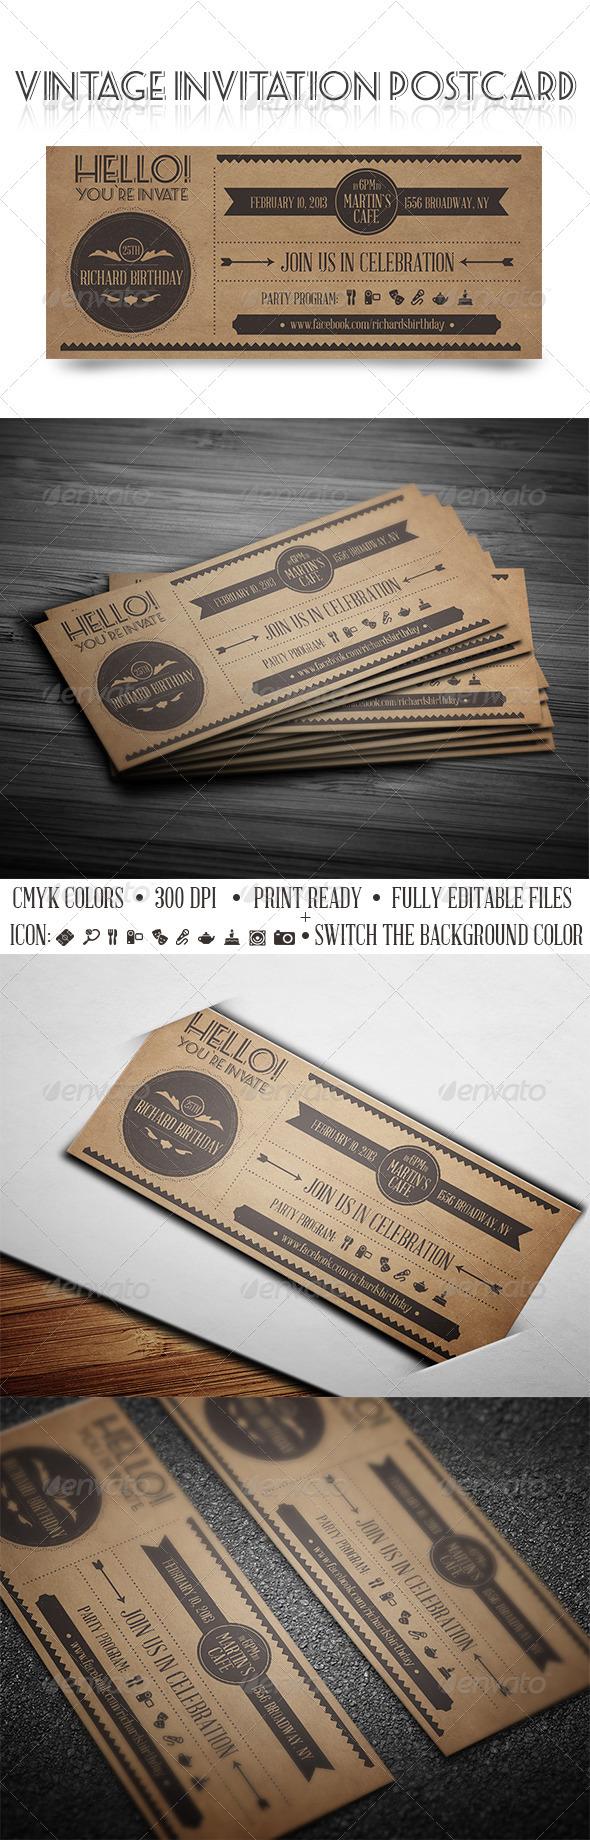 Vintage Invitation Postcard - Invitations Cards & Invites